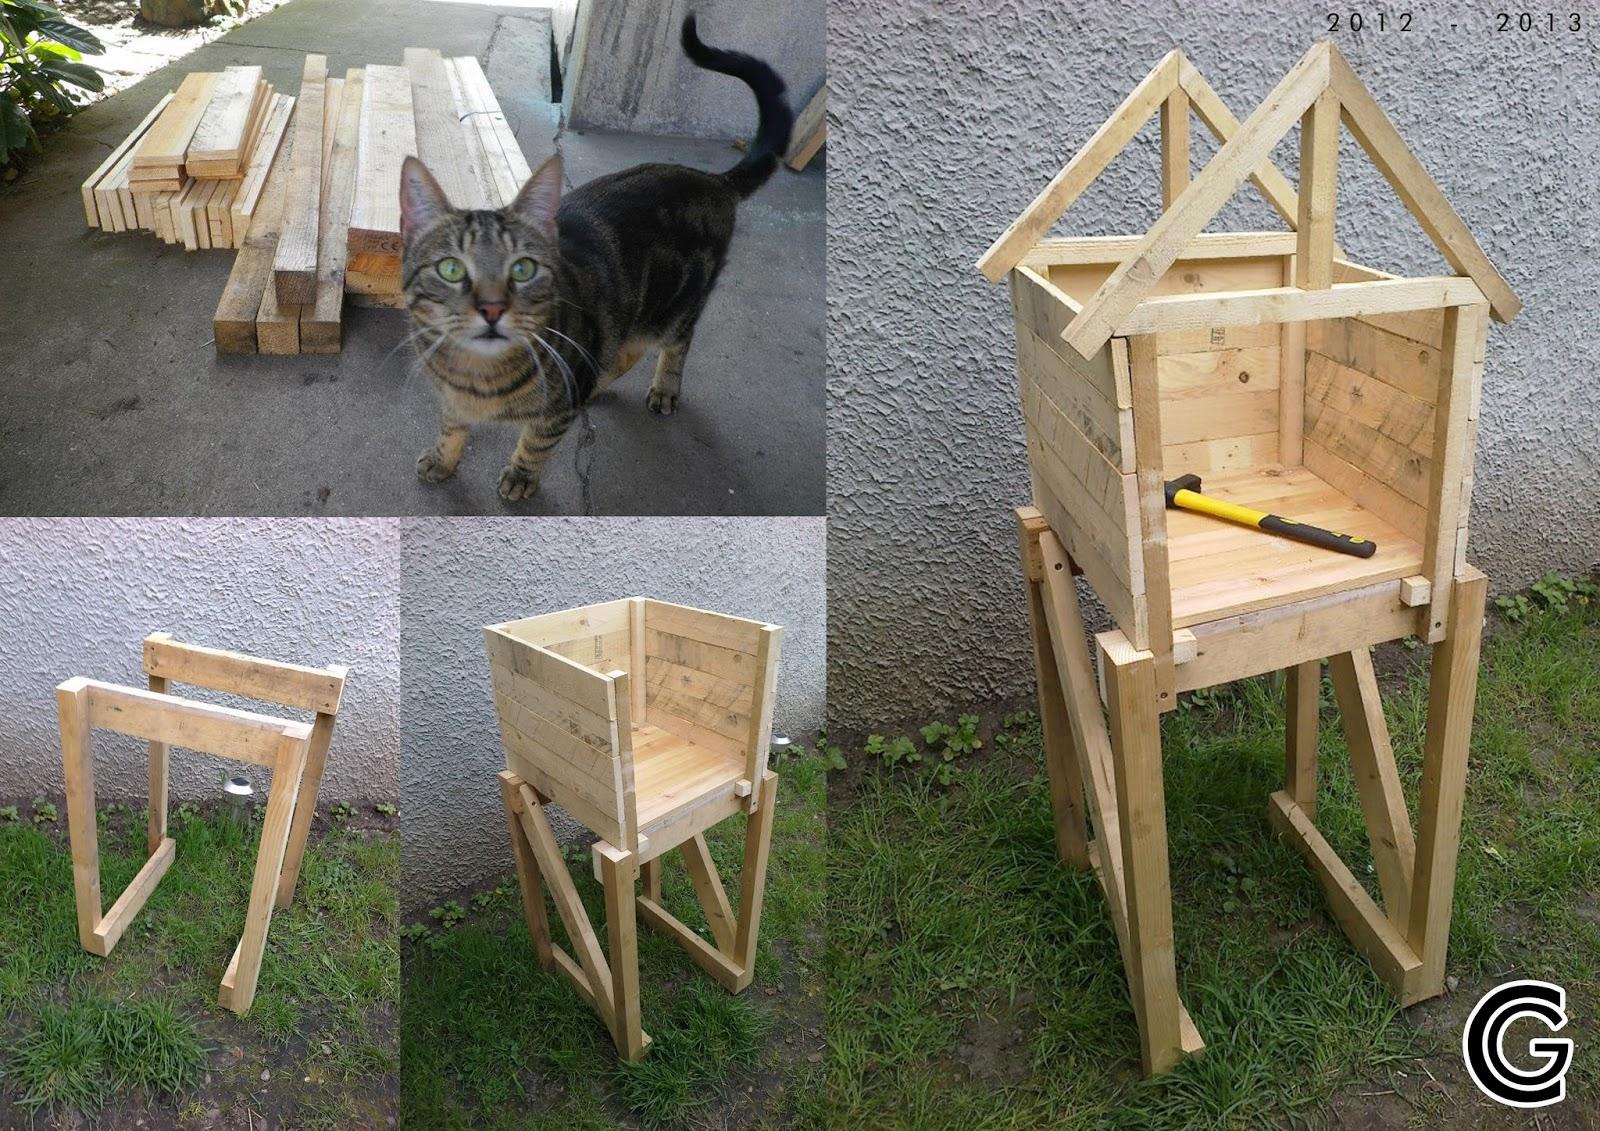 maison pour chats gc eportfolio. Black Bedroom Furniture Sets. Home Design Ideas